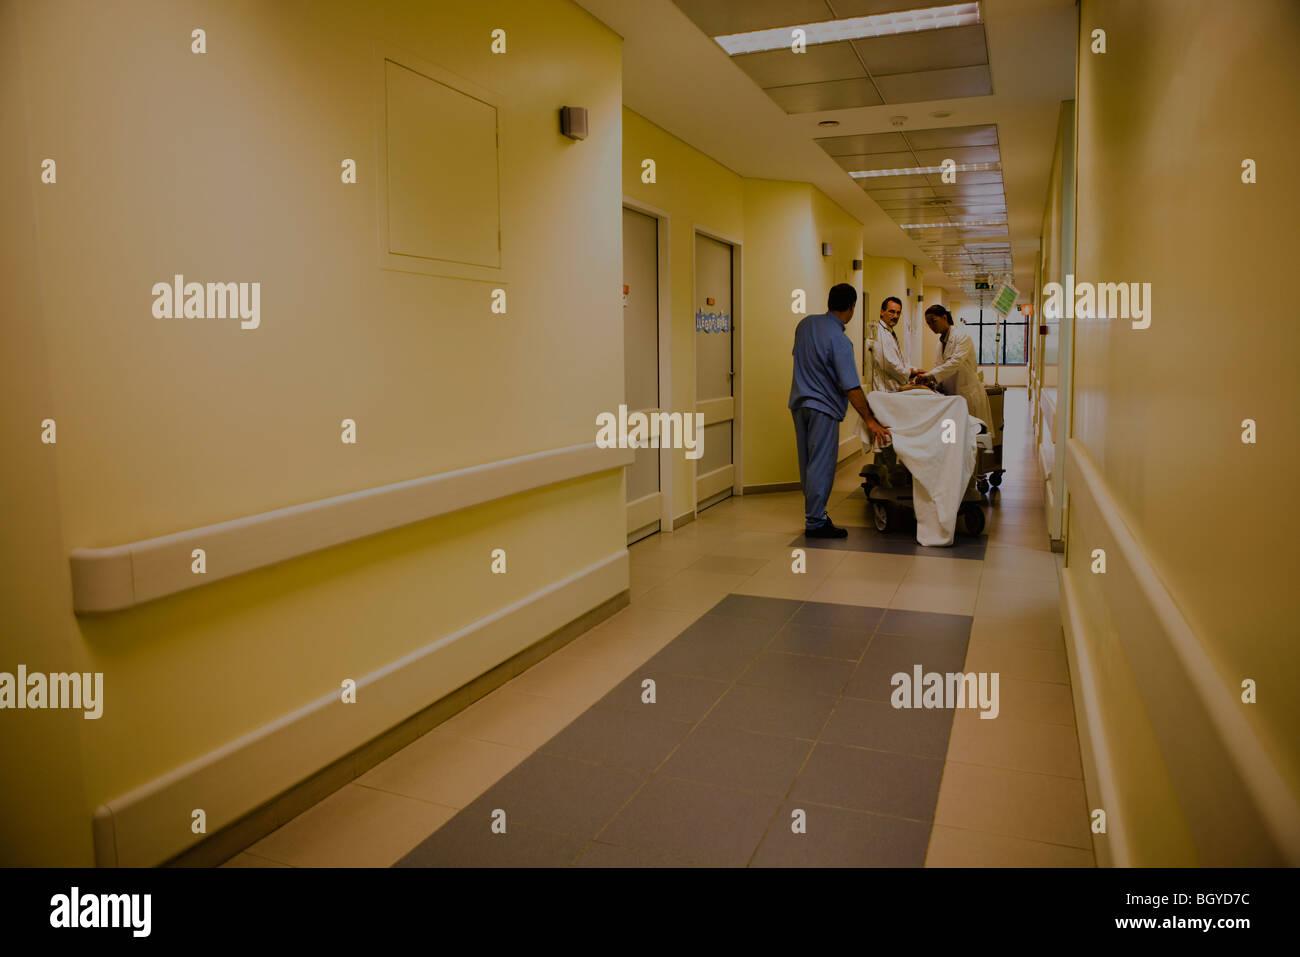 Behandlung von Patienten auf Bahre im Krankenhausflur Arbeitskräfte im Gesundheitswesen Stockfoto